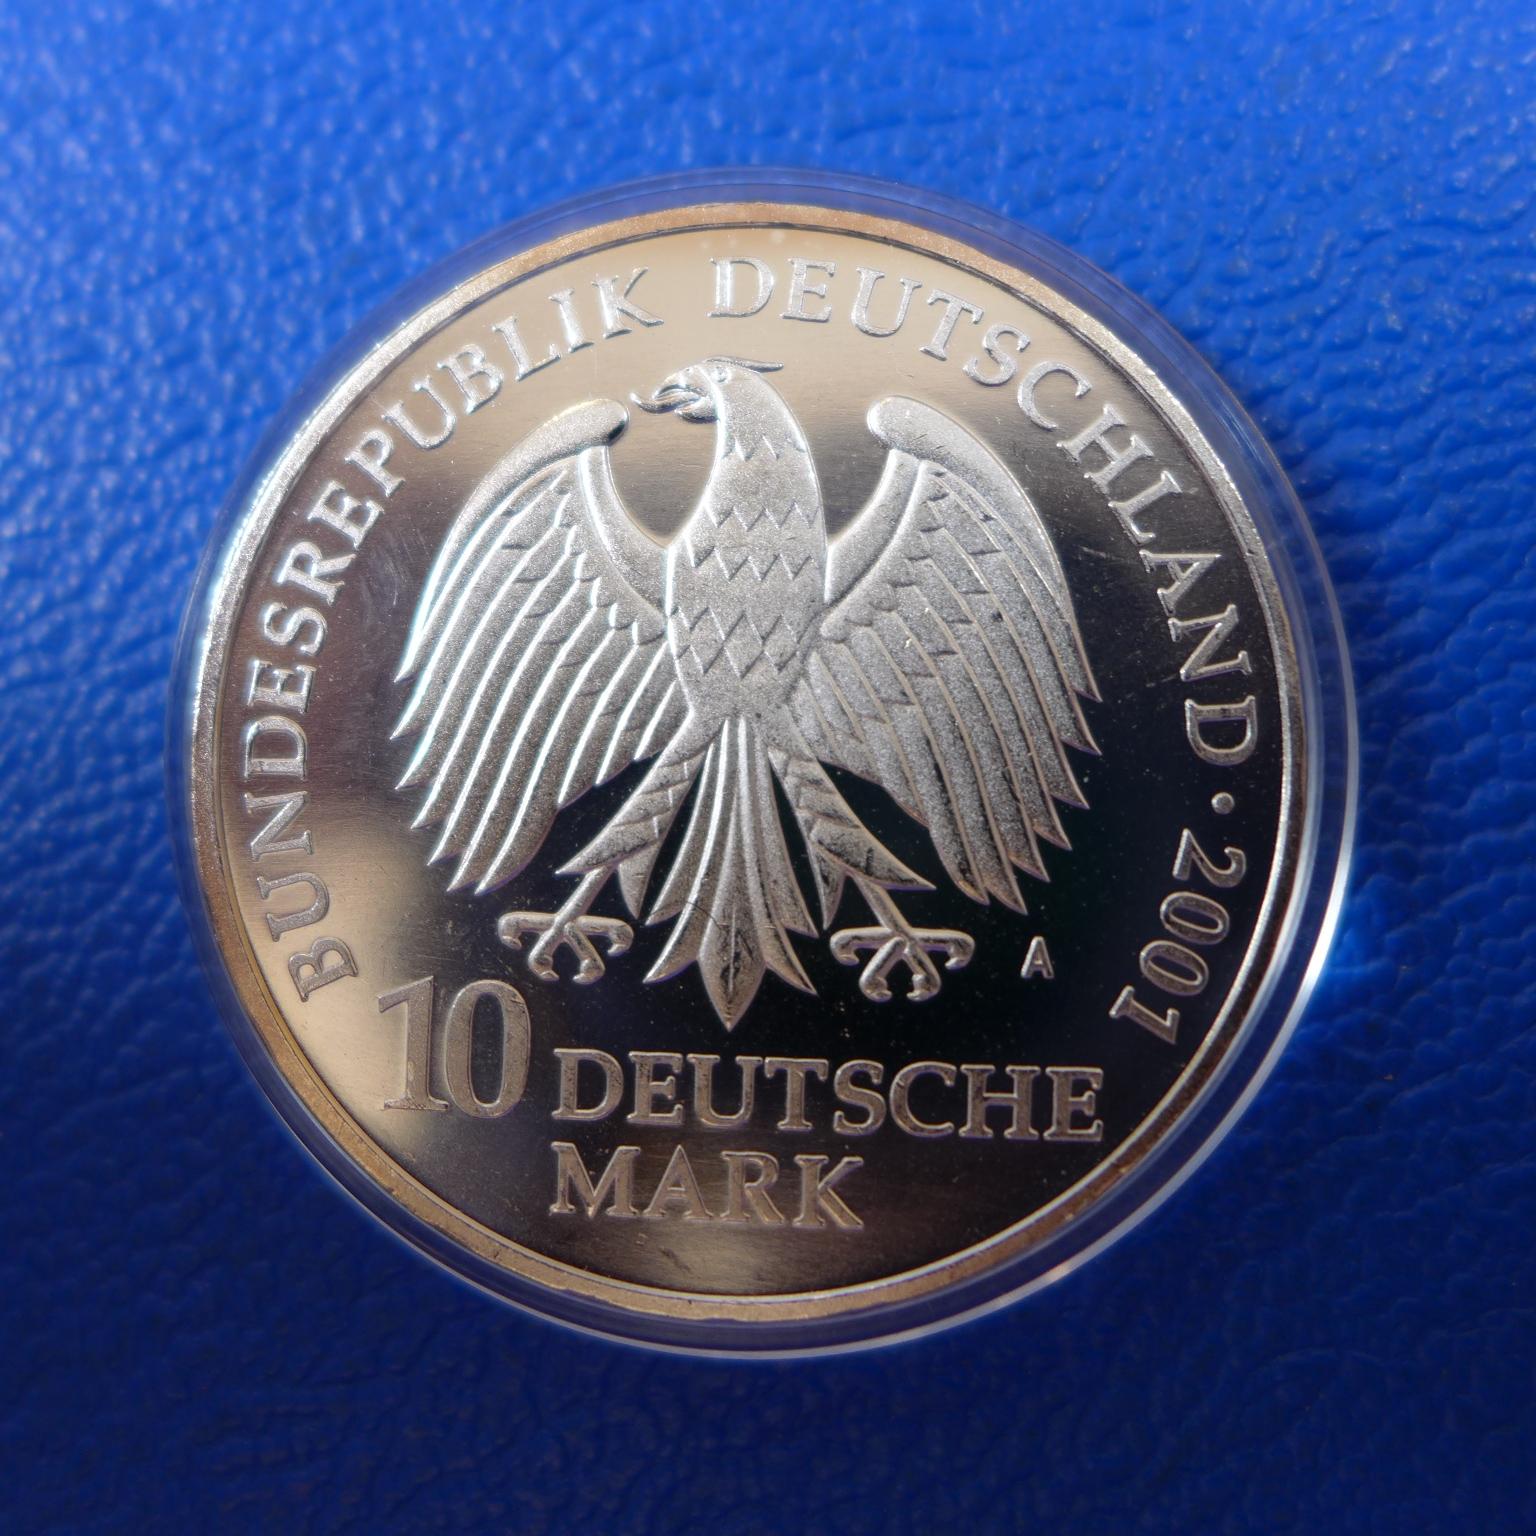 Brd 10 Dm Gedenkmünzen 1998 2001 925er Silberkaufen Bei Münzen Müller